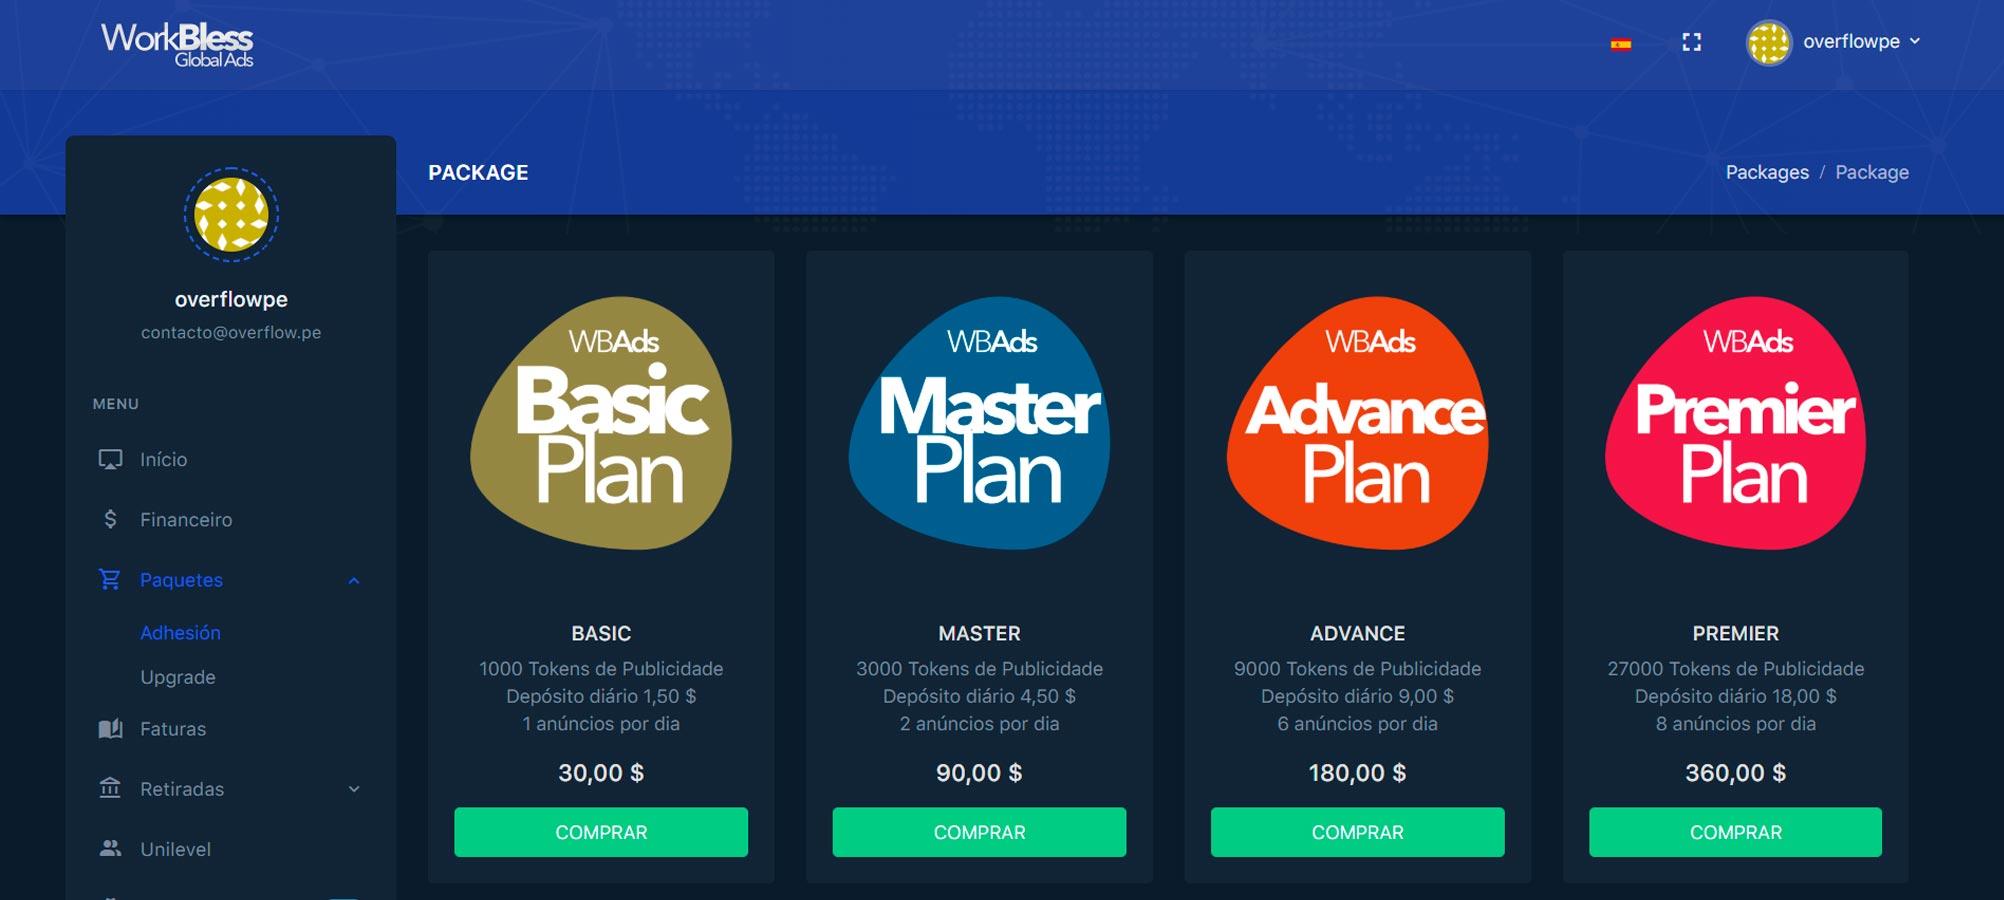 Primeras cuatro opciones de teletrabajo visualizando ads con Workbless - Alerta Emprendedora - Overflow.pe